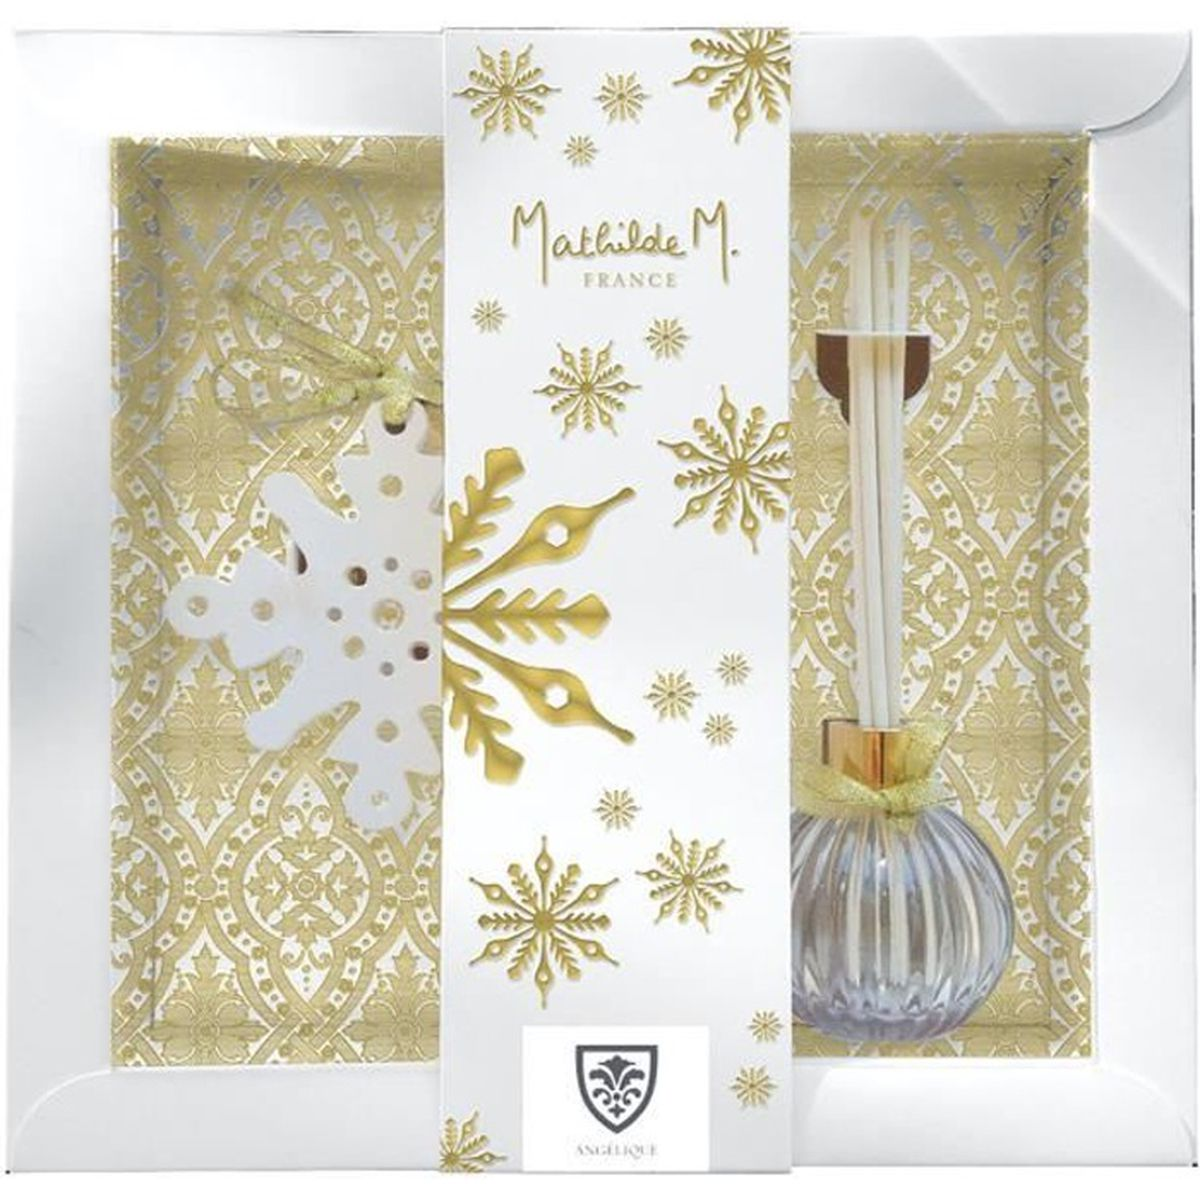 Cadeau Fêtes Coffret Diffuseur De D'ambiance Parfum Somptueuses dCoBerx